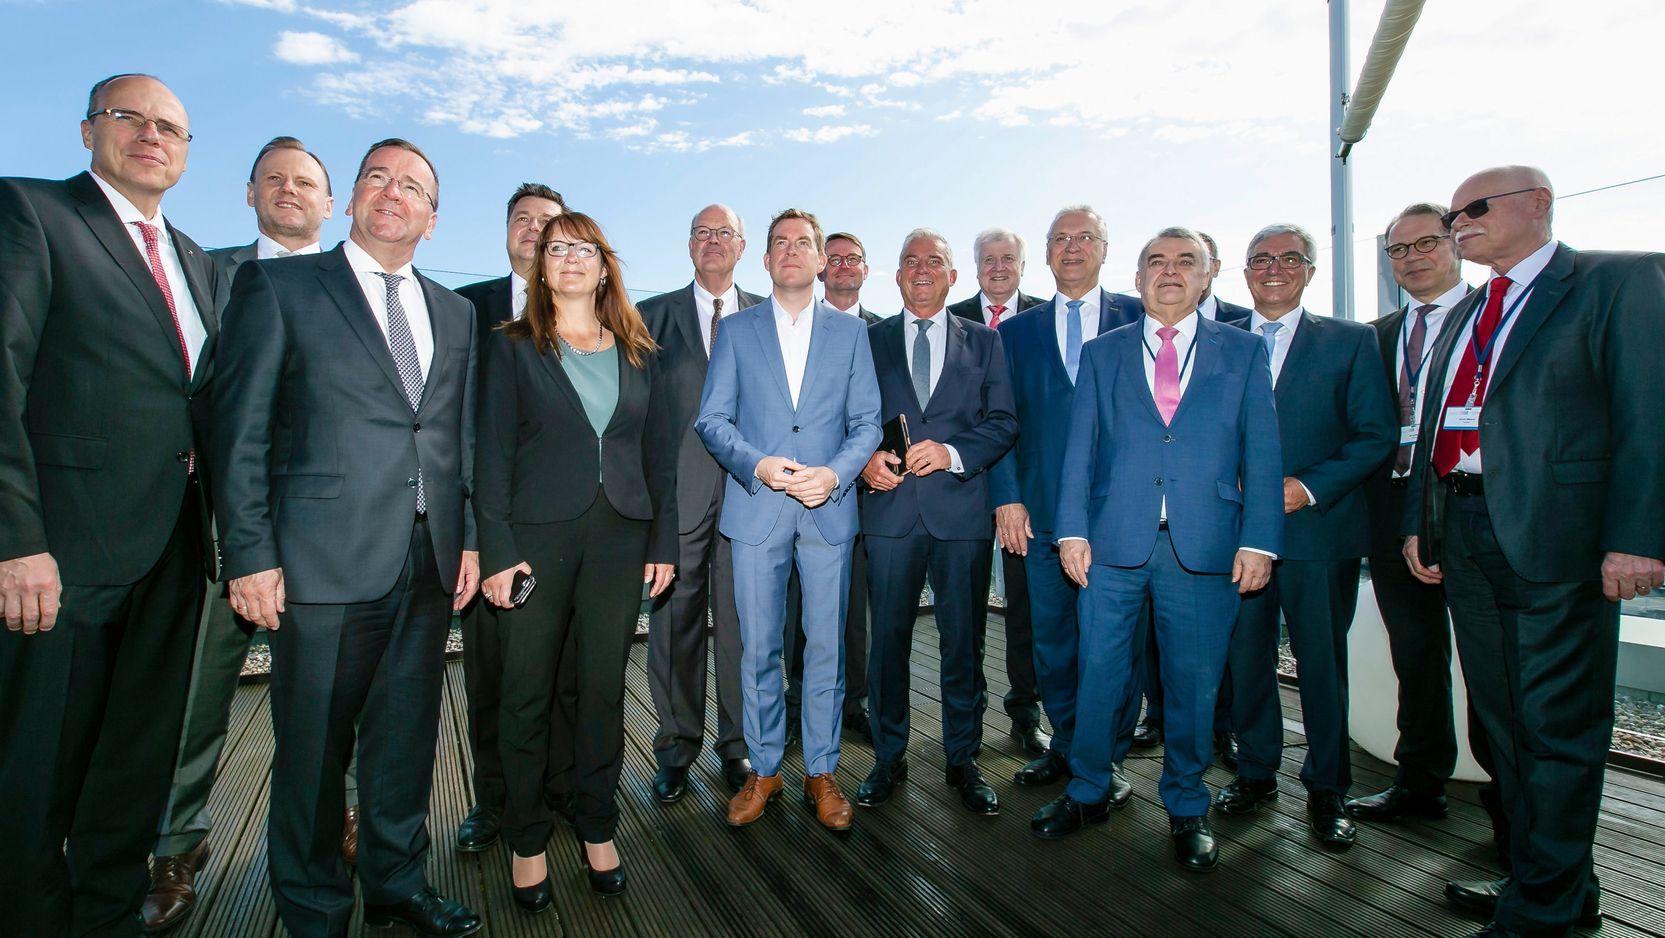 Innenminister von Bund und Ländern sowie Katrin Lange, Staatssekretärin des Landes Brandenburg, stehen für ein Gruppenfoto zusammen.